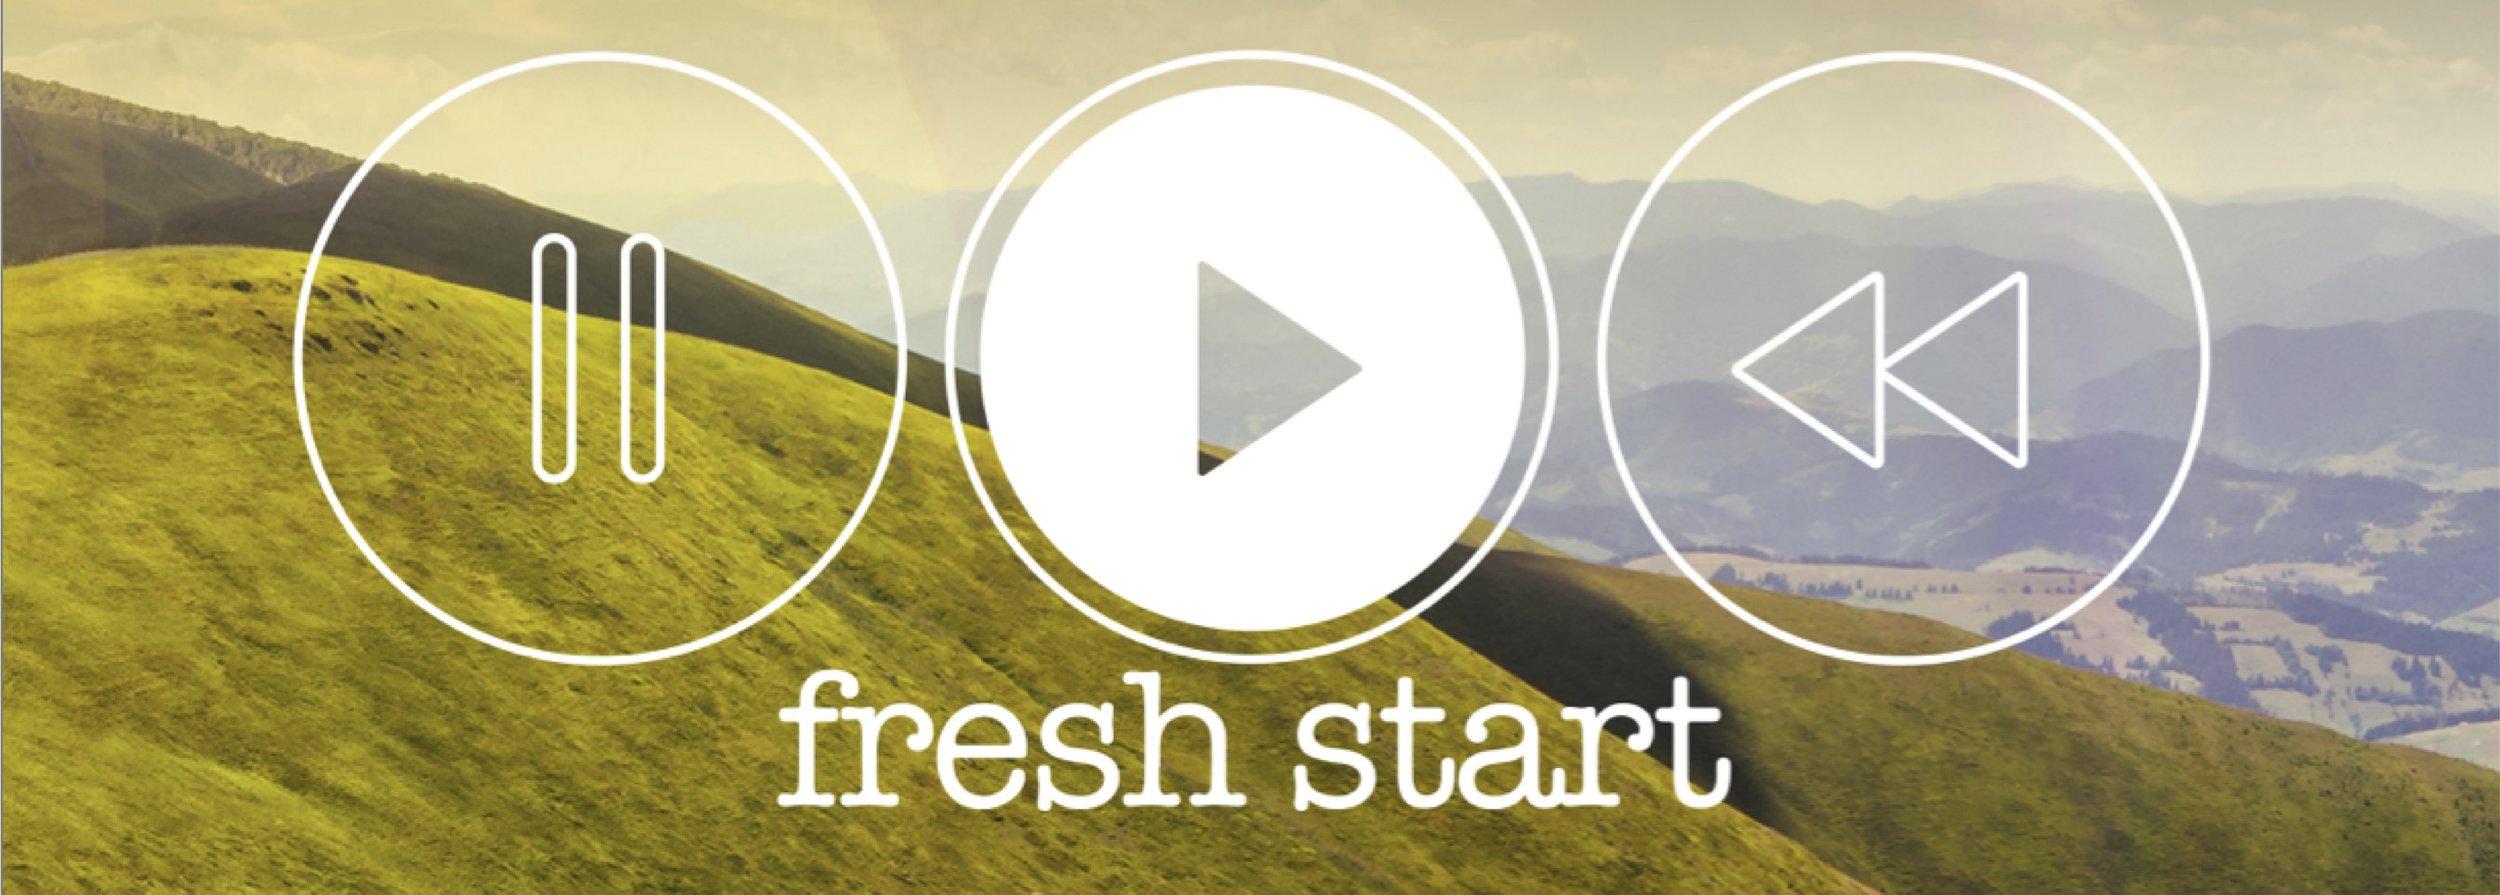 fresh start header.jpg